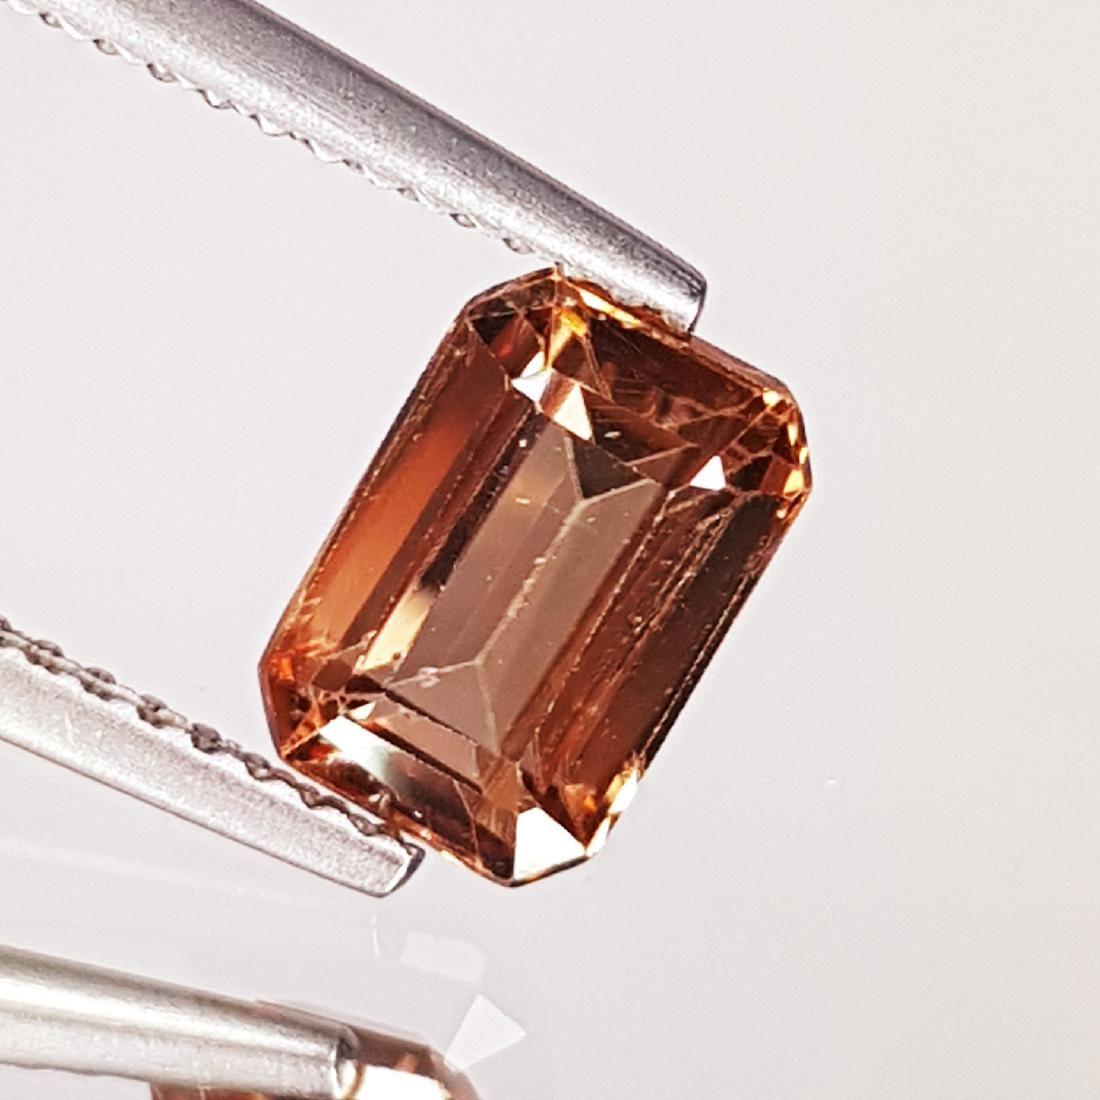 2.19 ct Exclusive Gem Emerald Cut Natural Pink Zircon